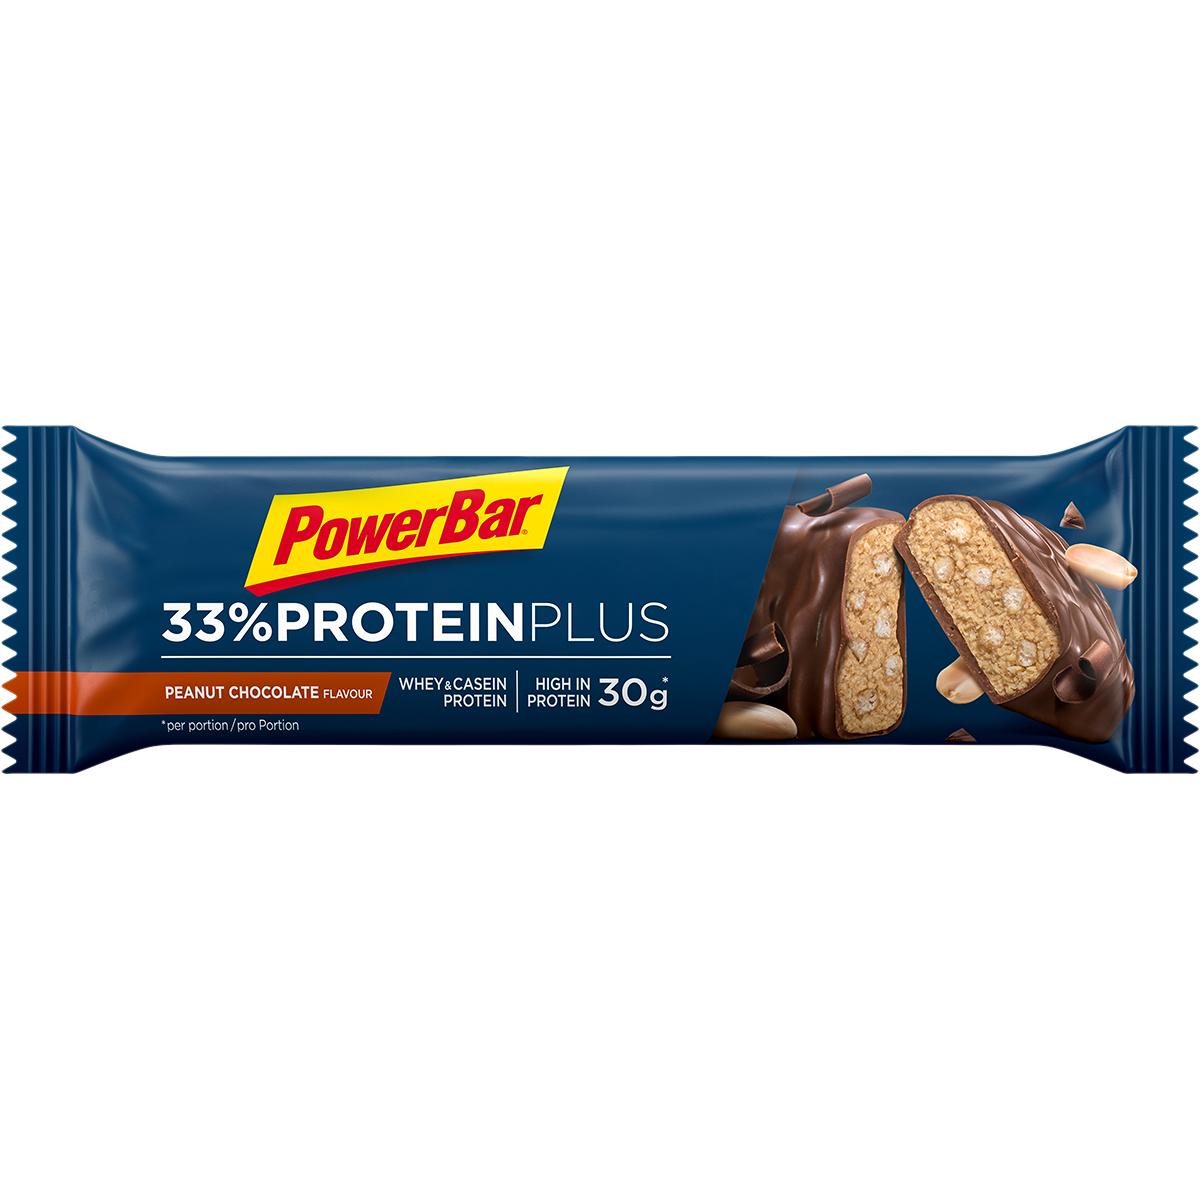 PowerBar 33% Protein Plus Peanut Chocolate